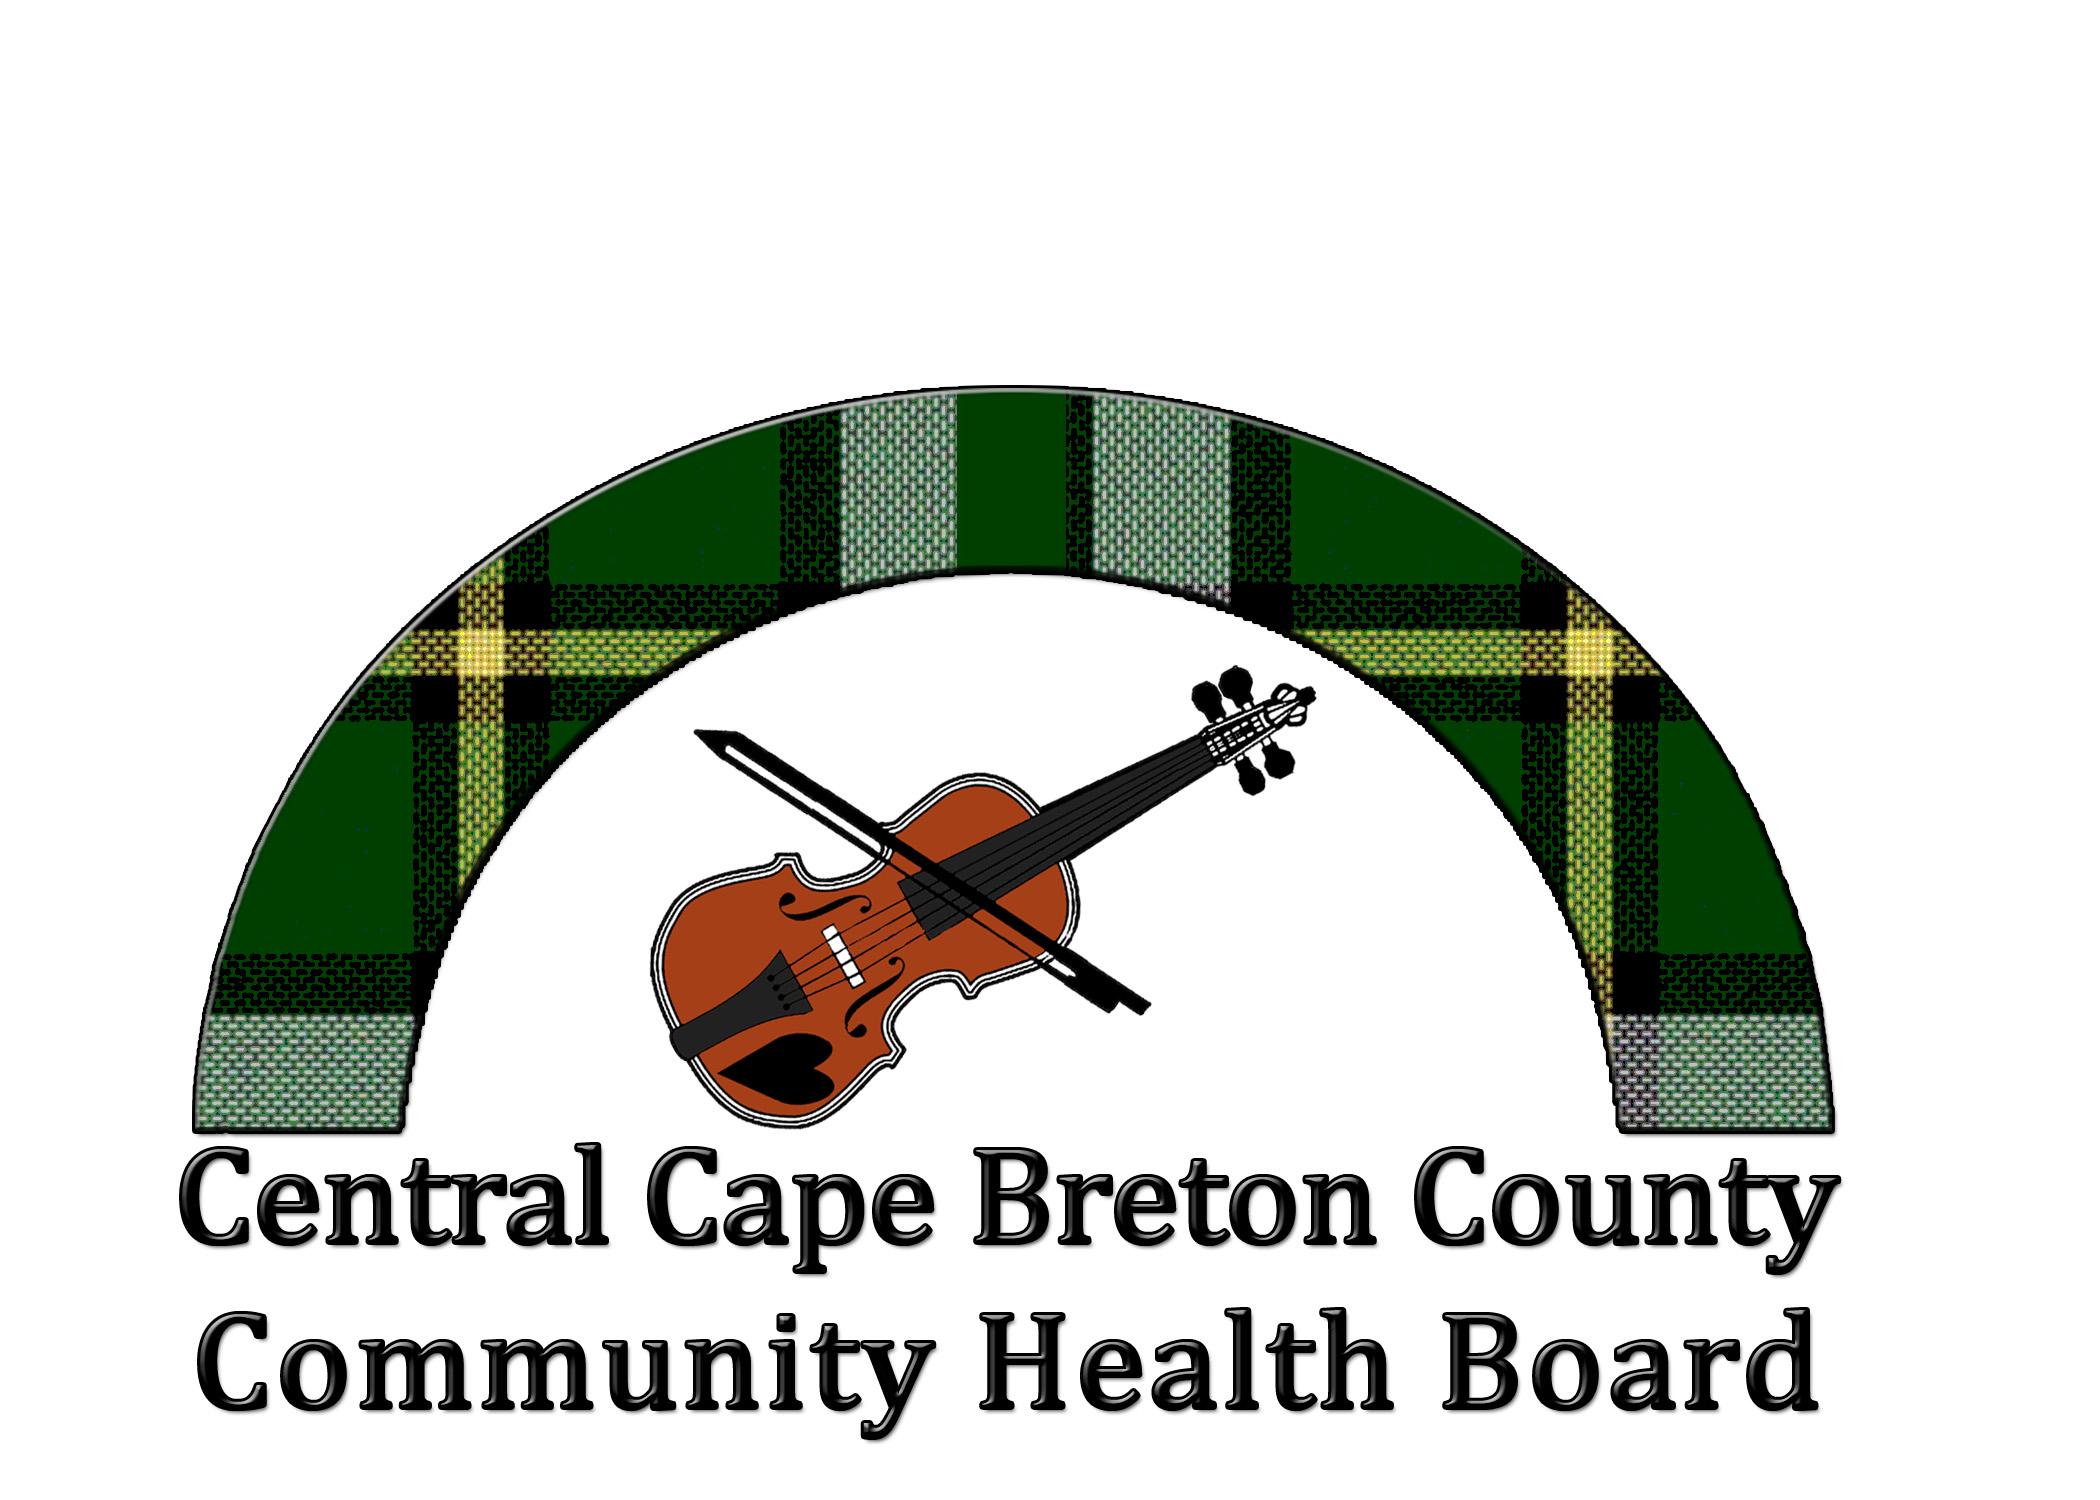 ccbcchb-logo.jpg